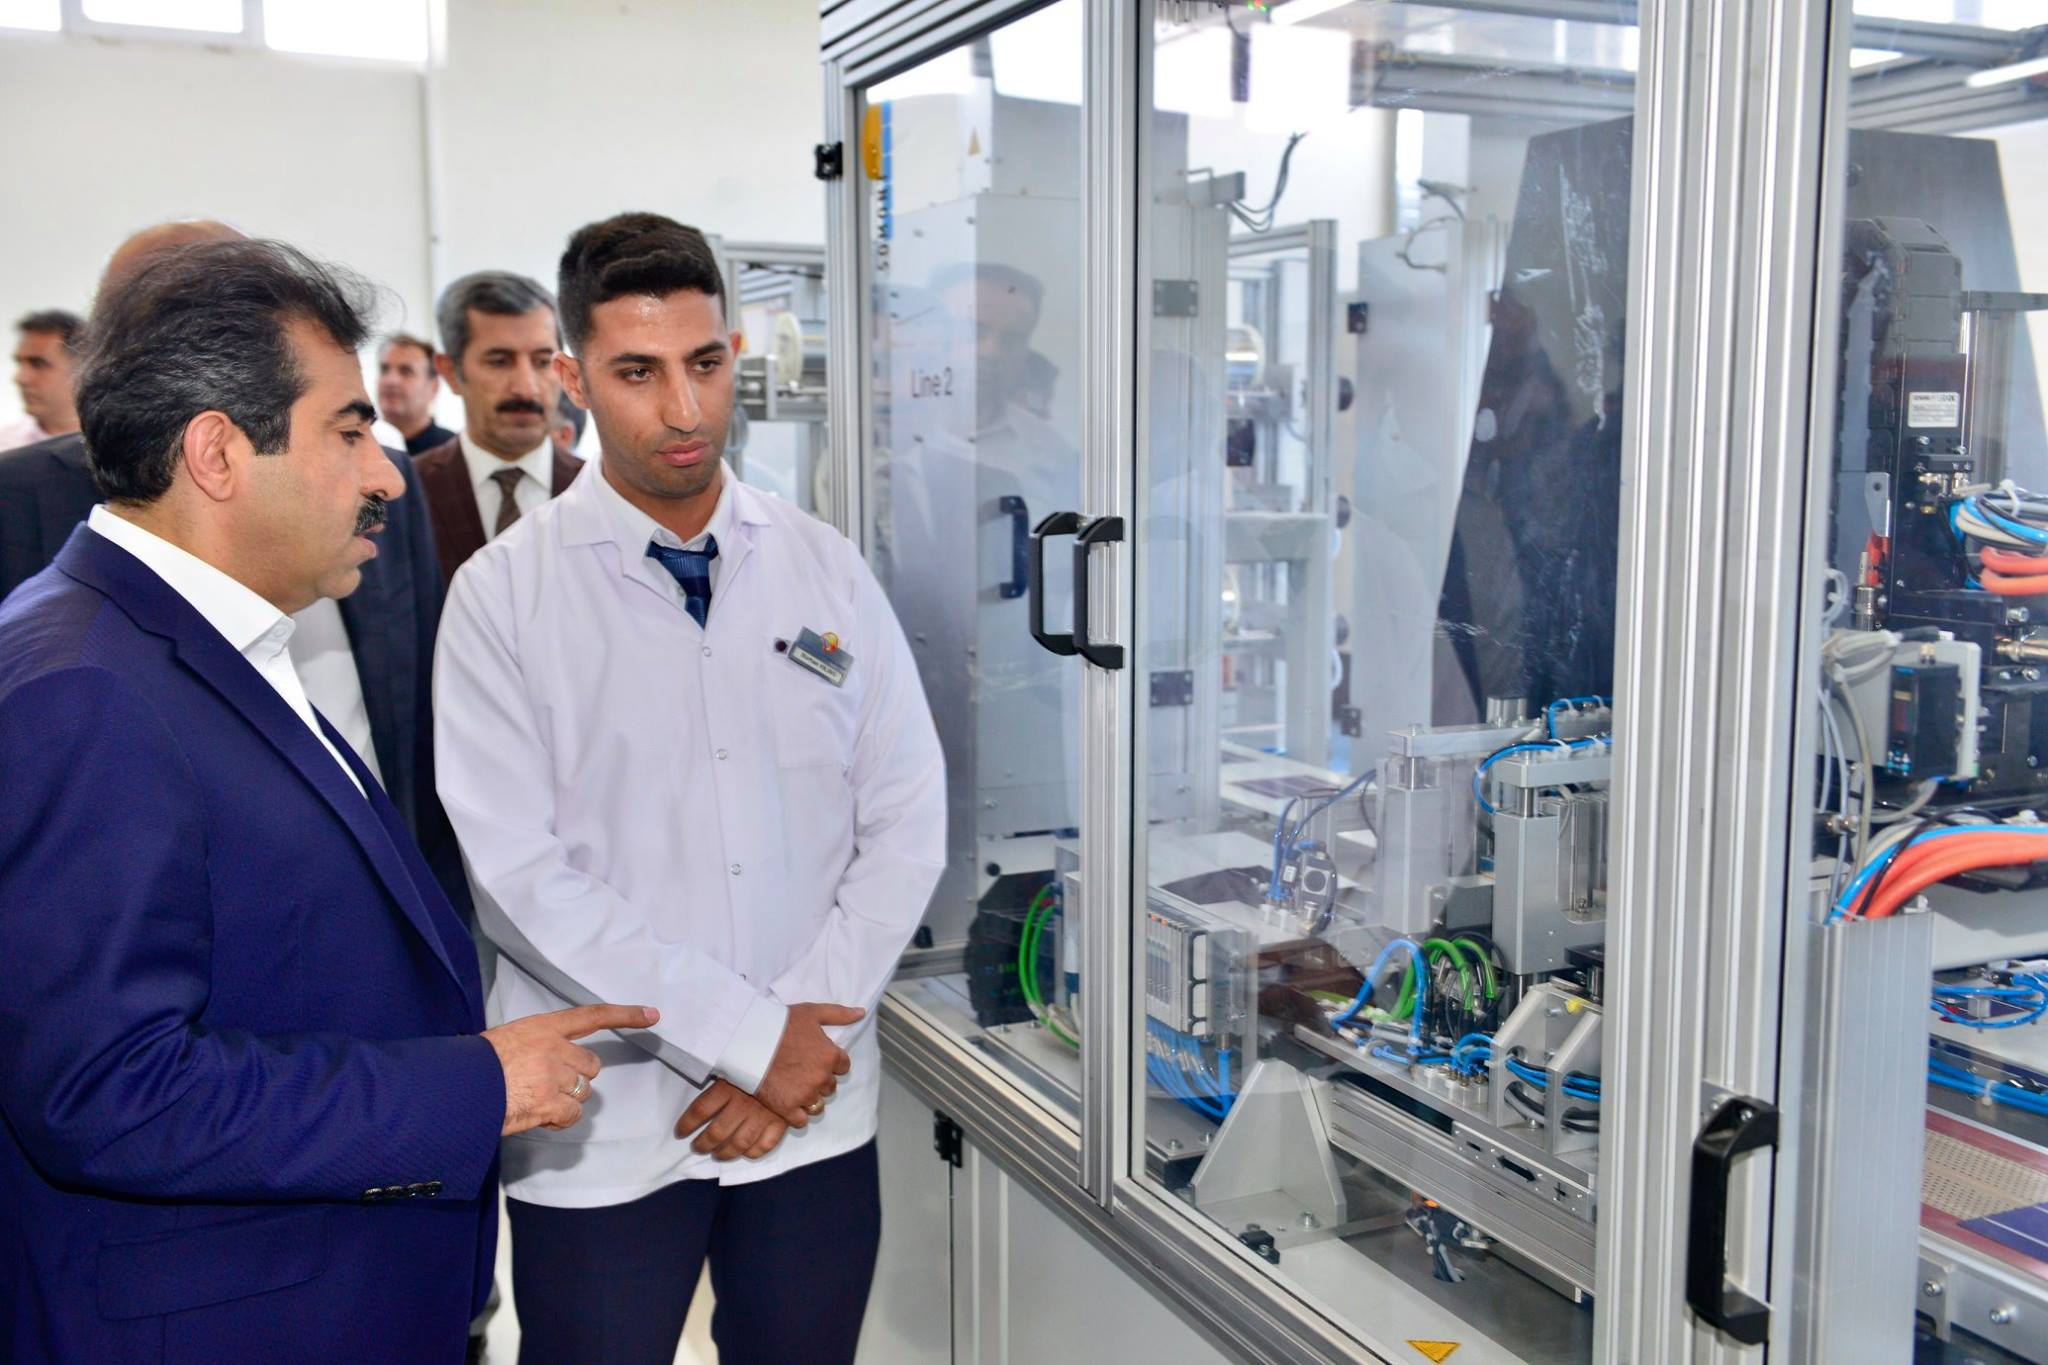 Diyarbakır Valimiz Sayın Hasan Basri Güzeloğlu, Organize Sanayi Bölgemizde Bulunan Sternlicht Energie ve Odabaşı Makine Fabrikalarını Ziyaret Ettiler